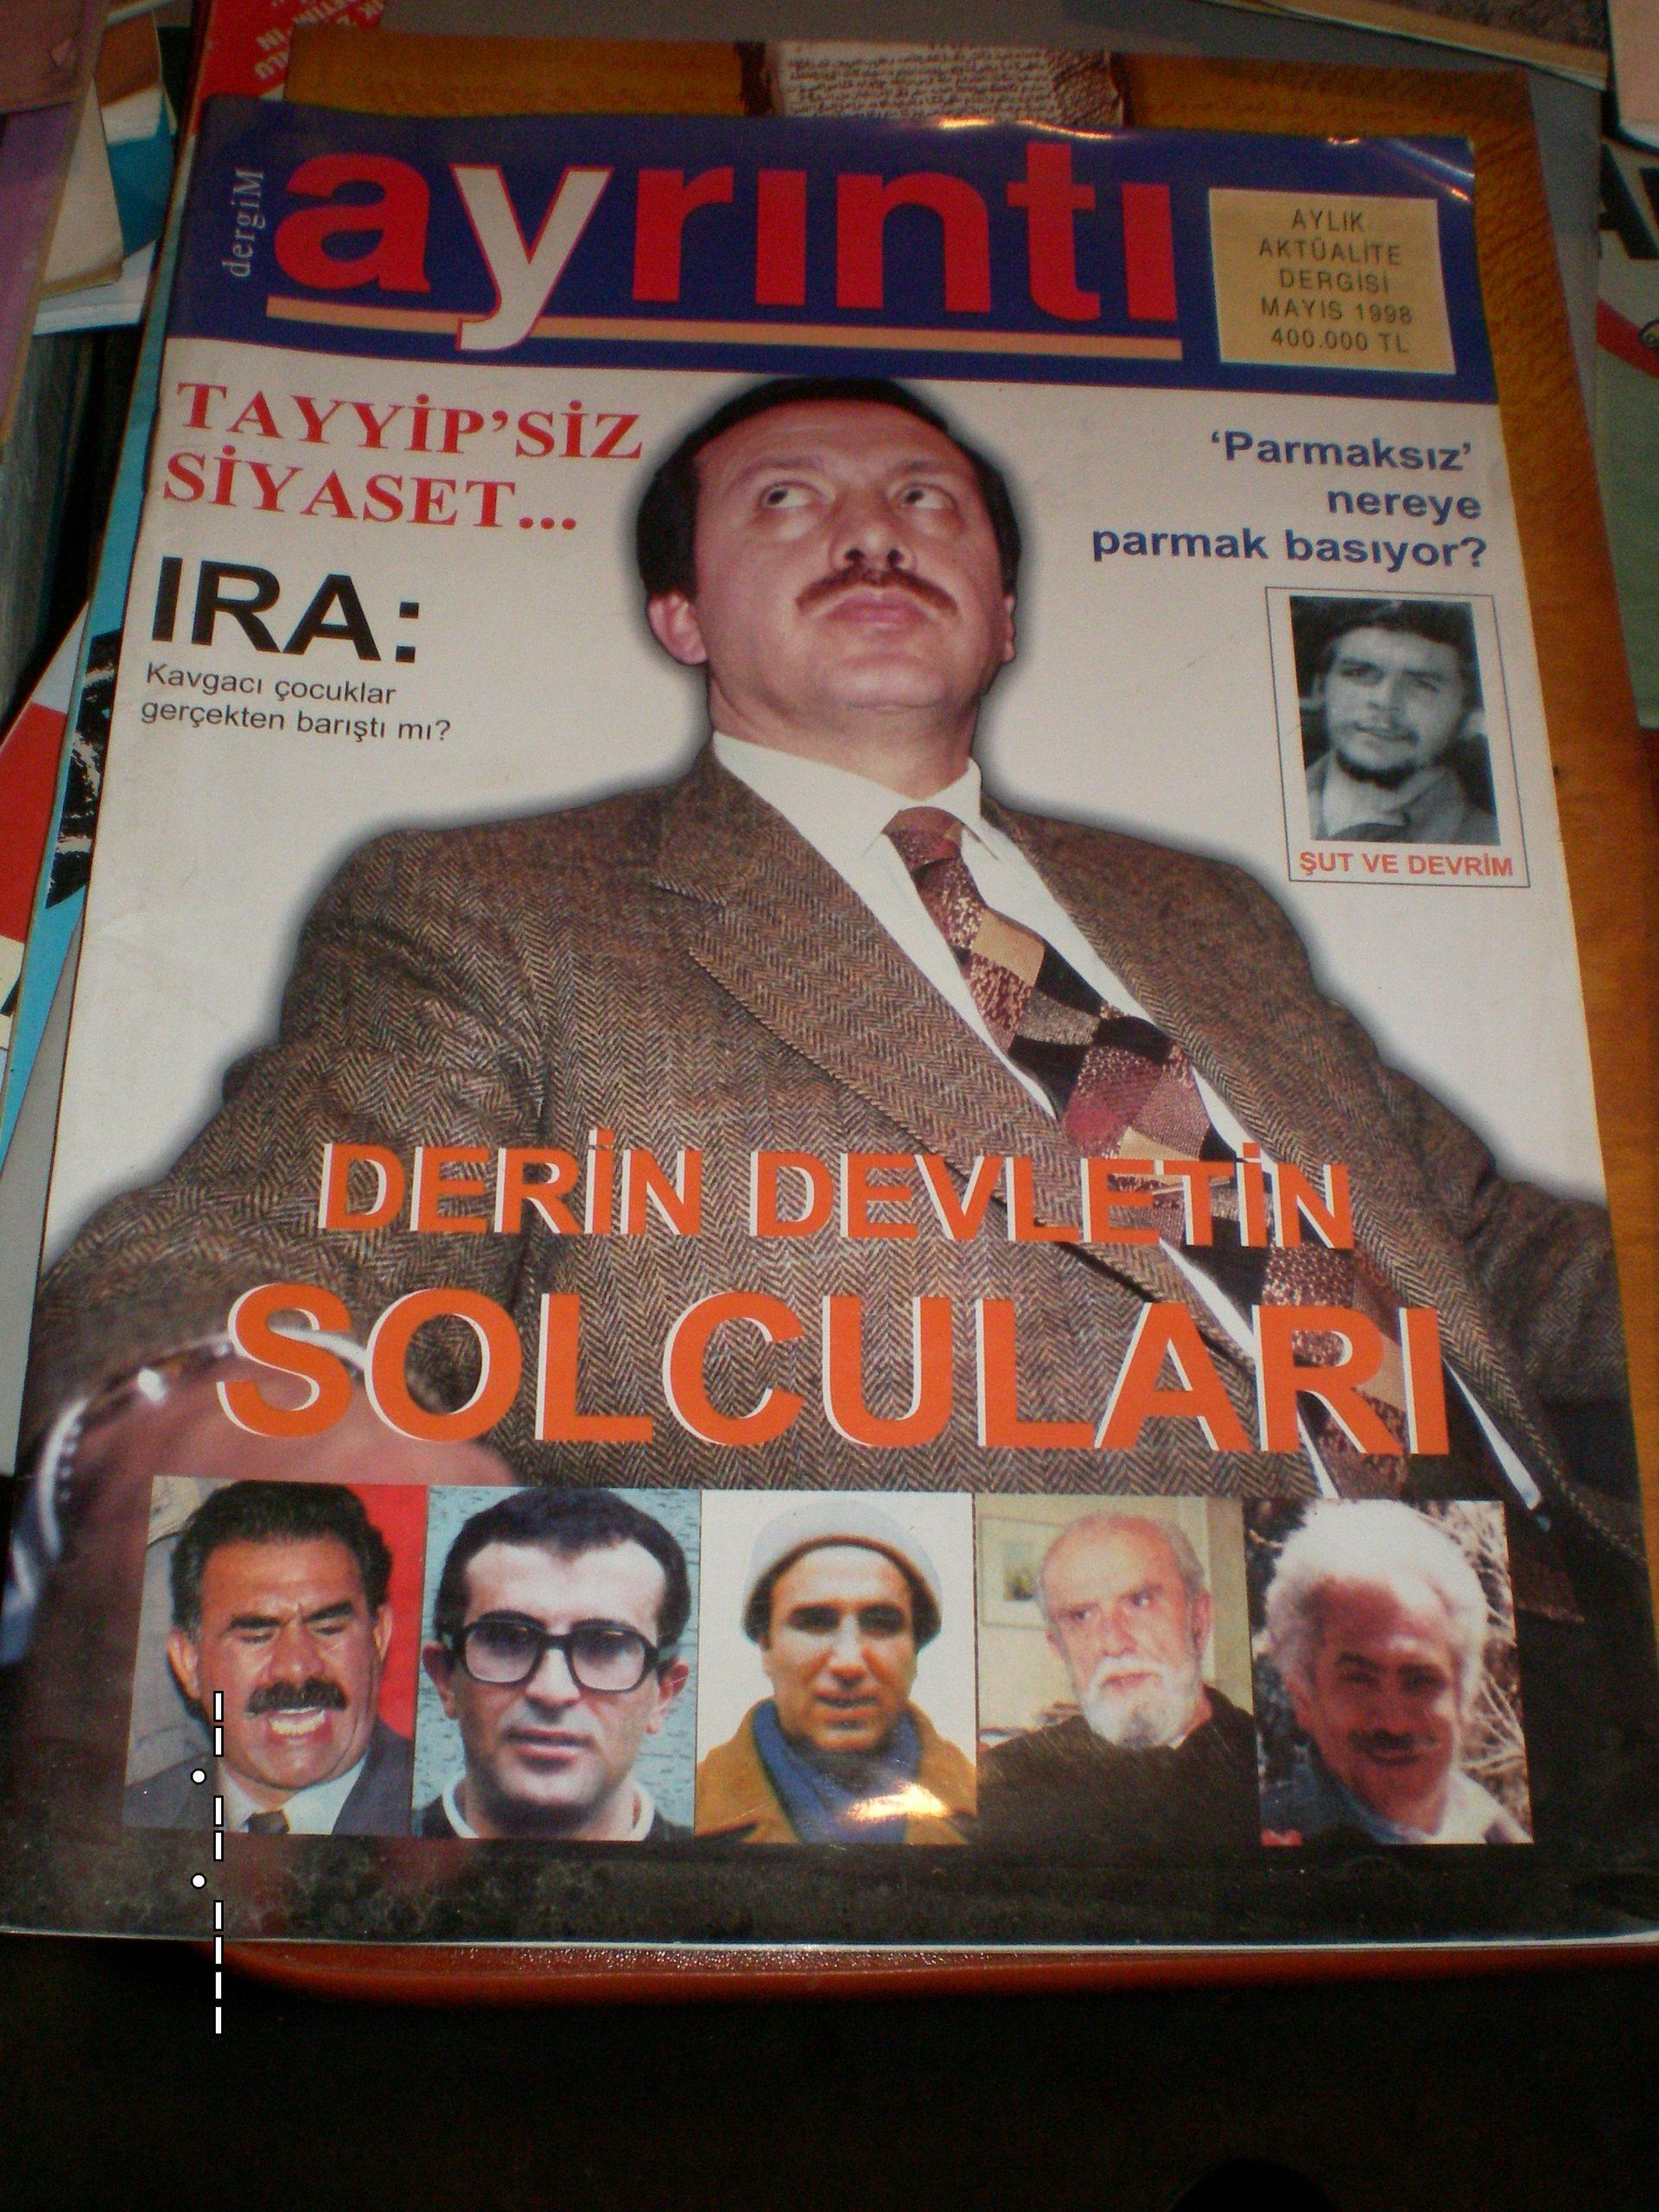 DergiM AYRINTI /Tayyip Erdoğan sayısı)-Mayıs 1998/15 tl